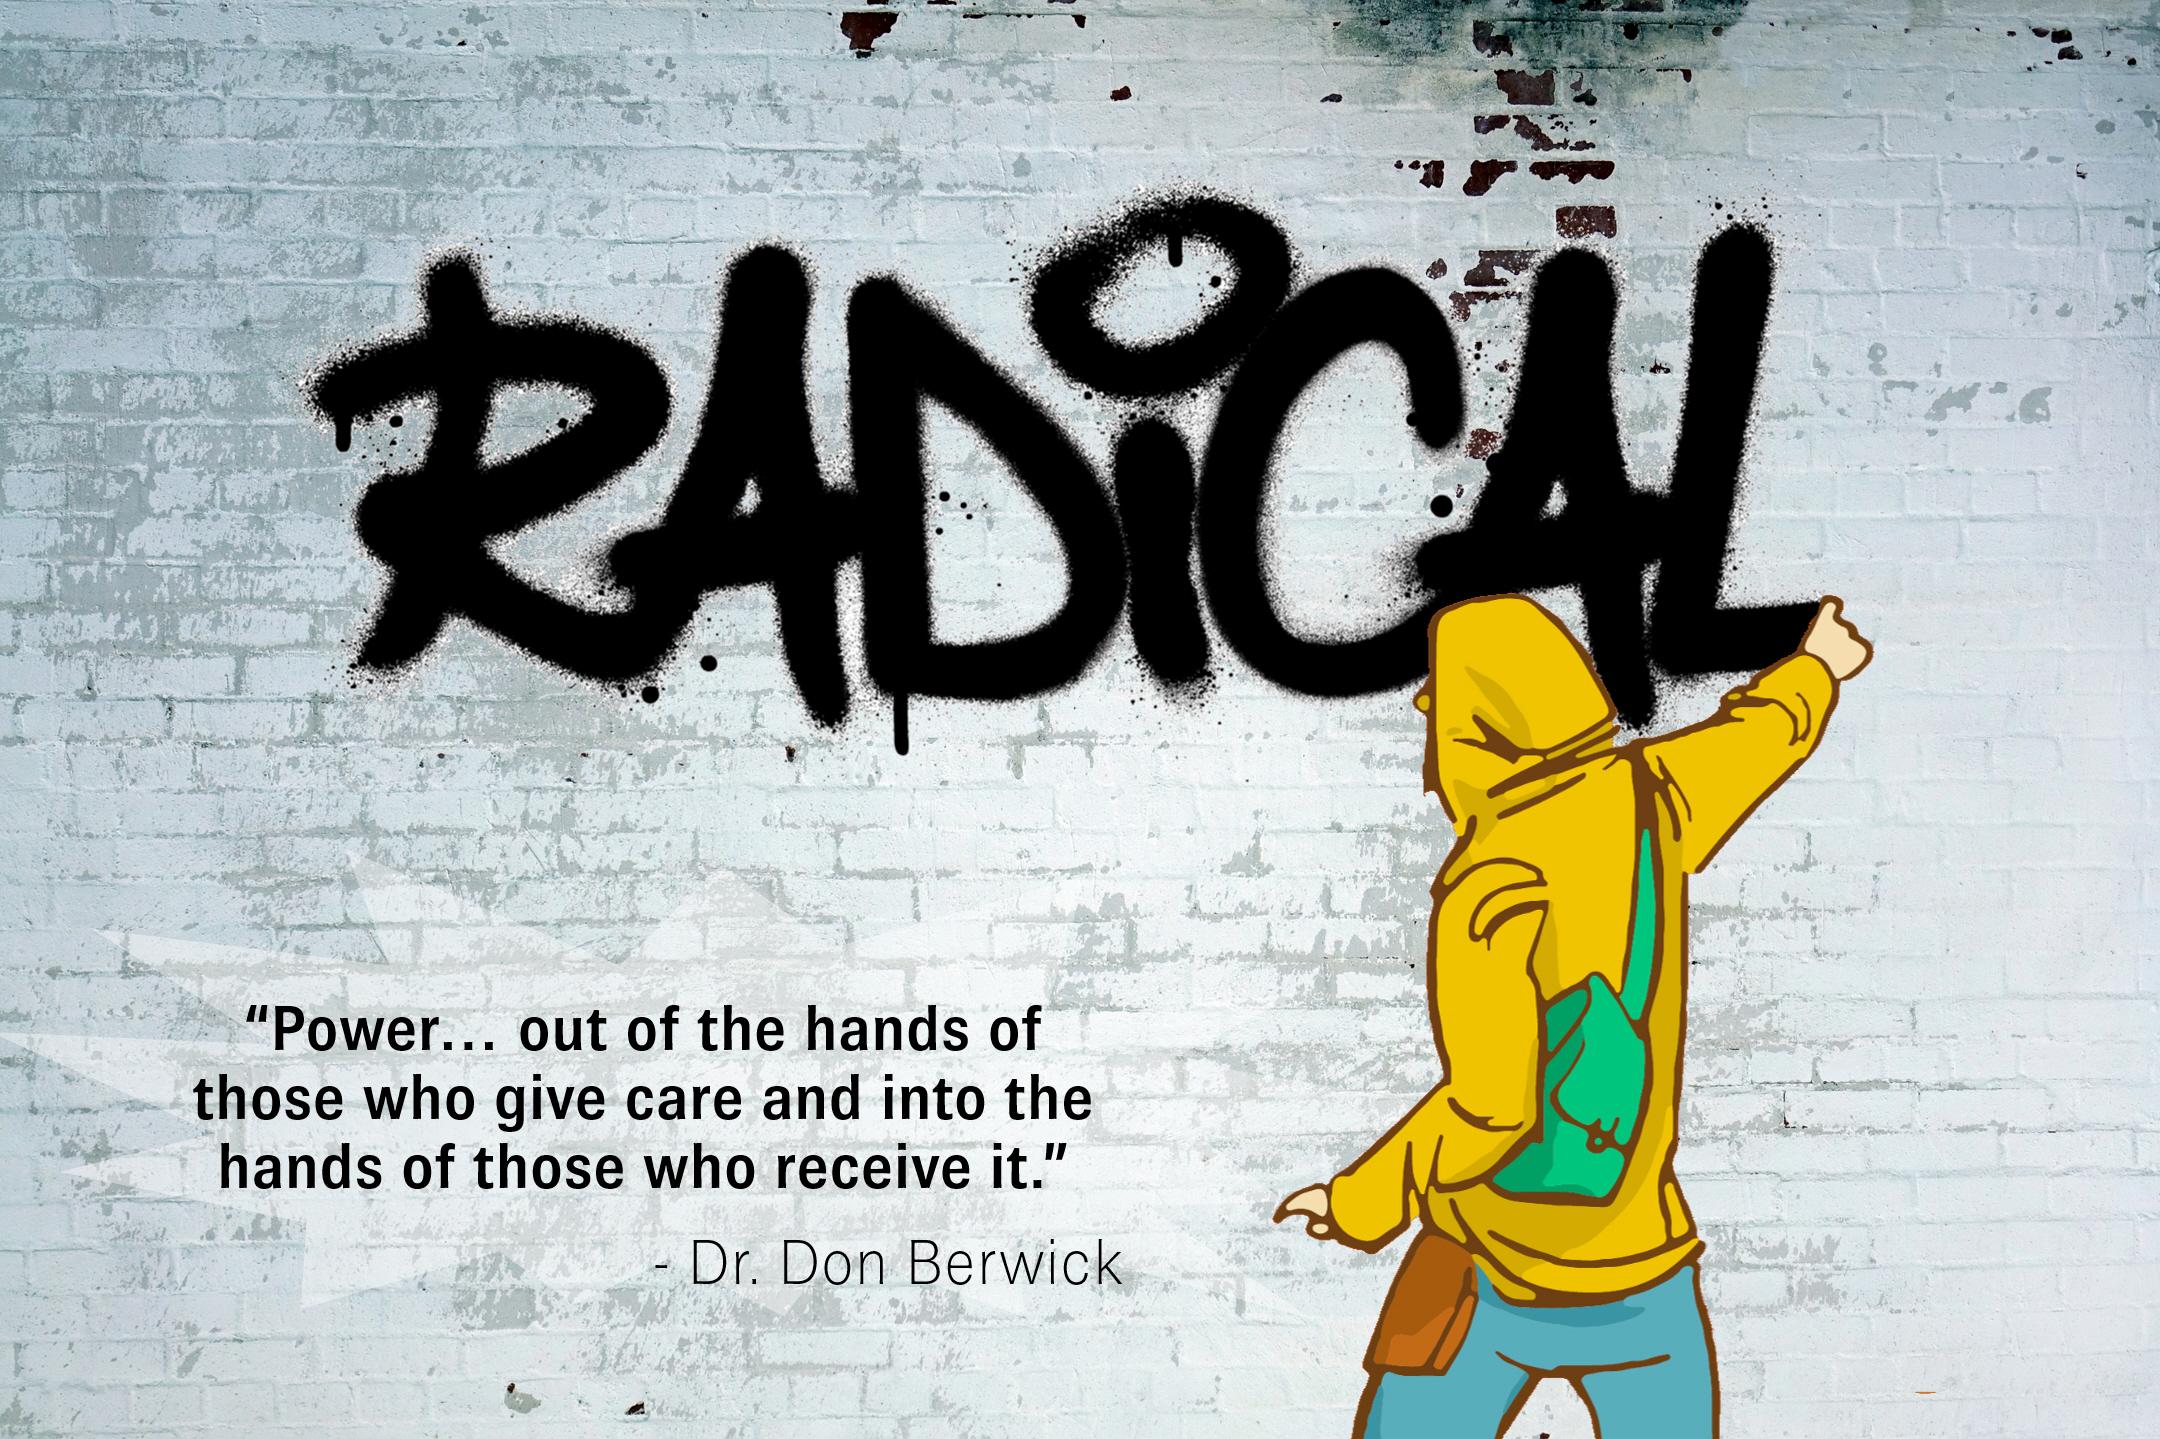 Dr.Berwick